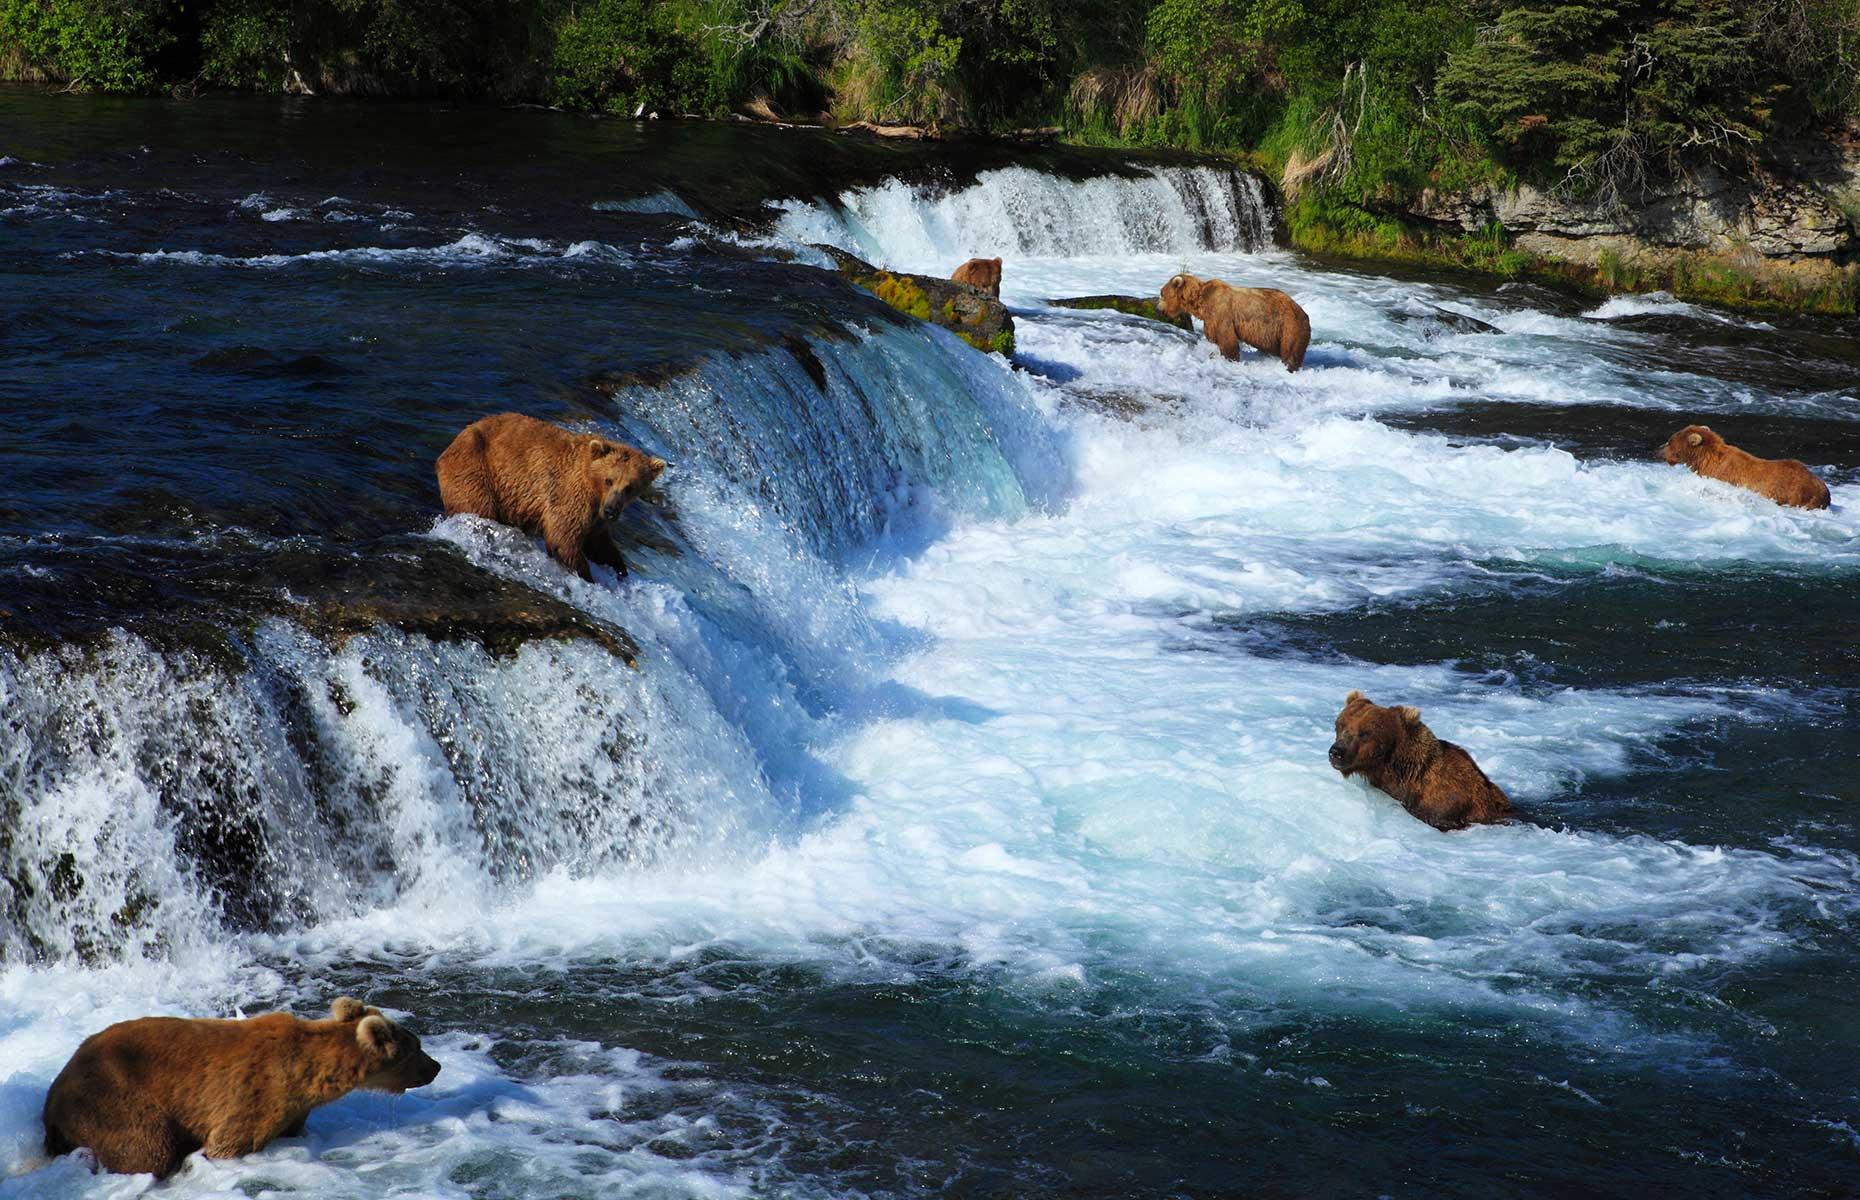 Bears in Katmai National Park